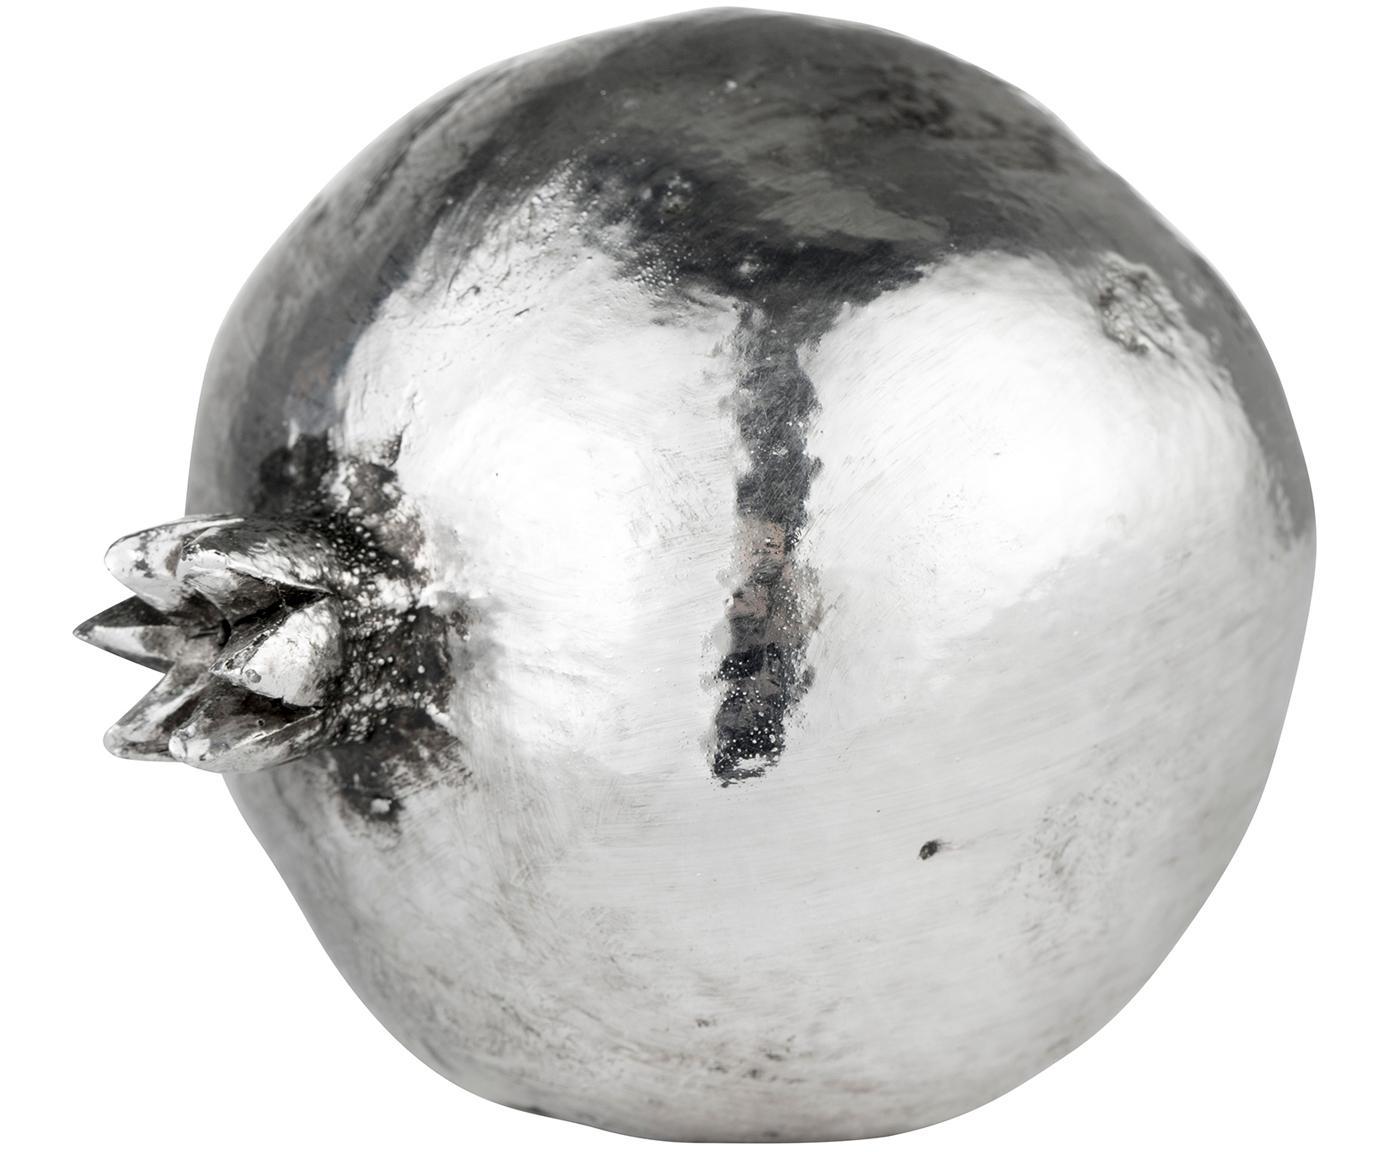 Dekoracja Serafina Pomegranate, Poliresing, Odcienie srebrnego, Ø 9 x W 10 cm